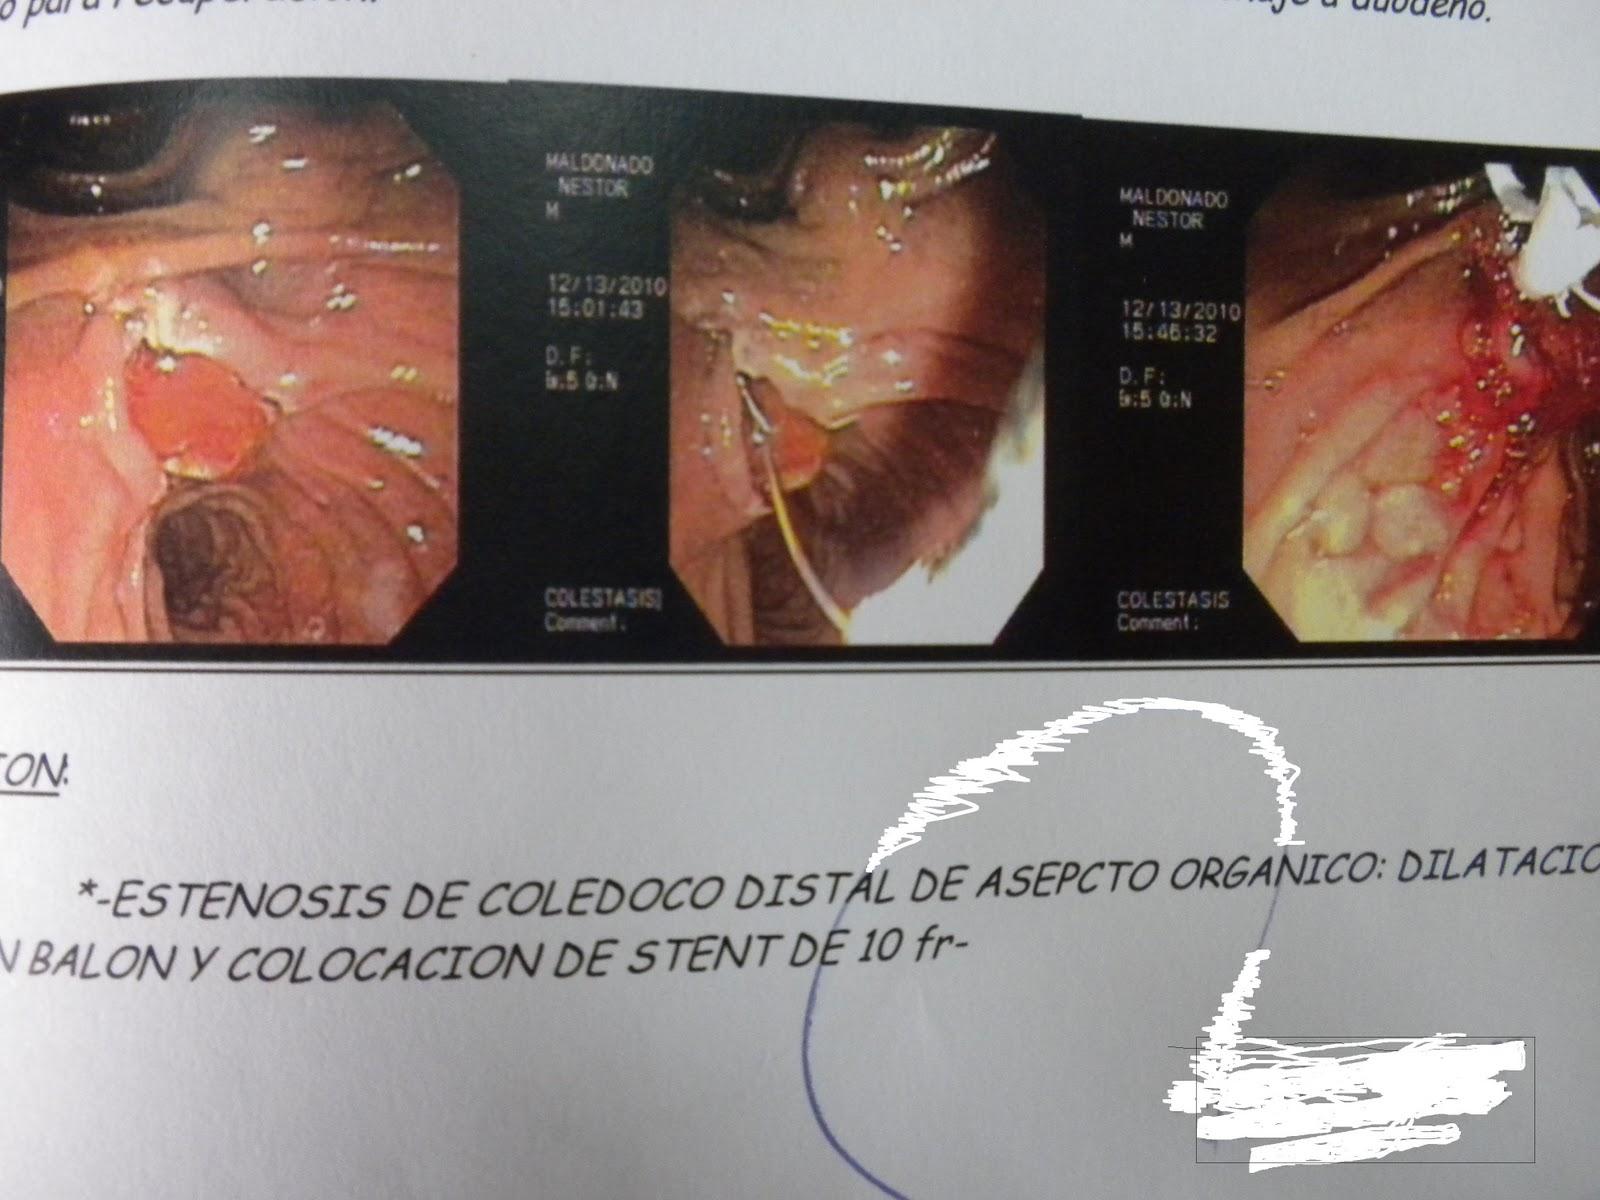 EL RINCÓN DE LA MEDICINA INTERNA: 2010